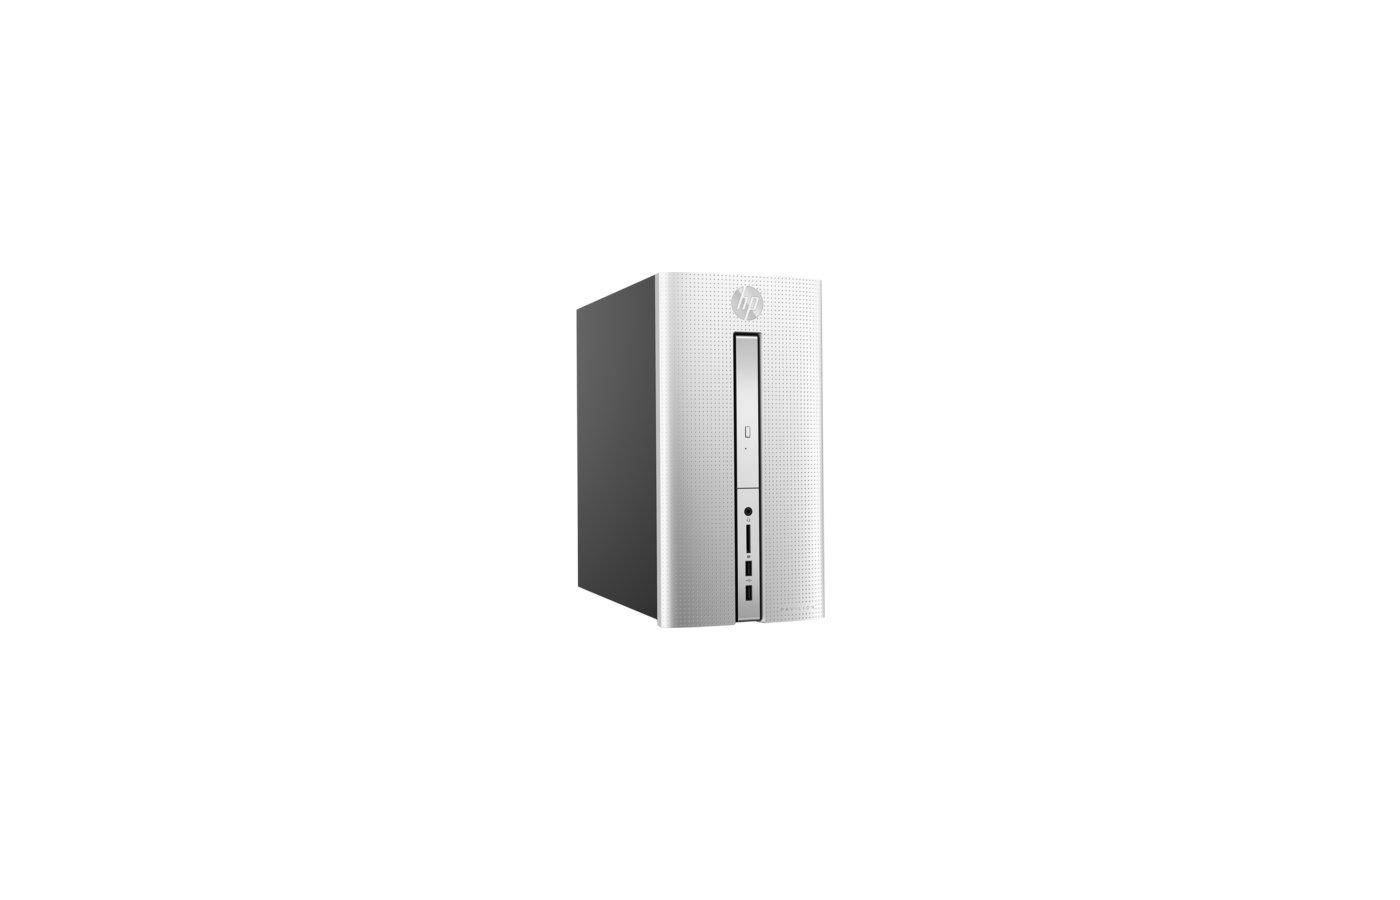 Системный блок HP Pavilion 510 510-p112ur /Z0J91EA/